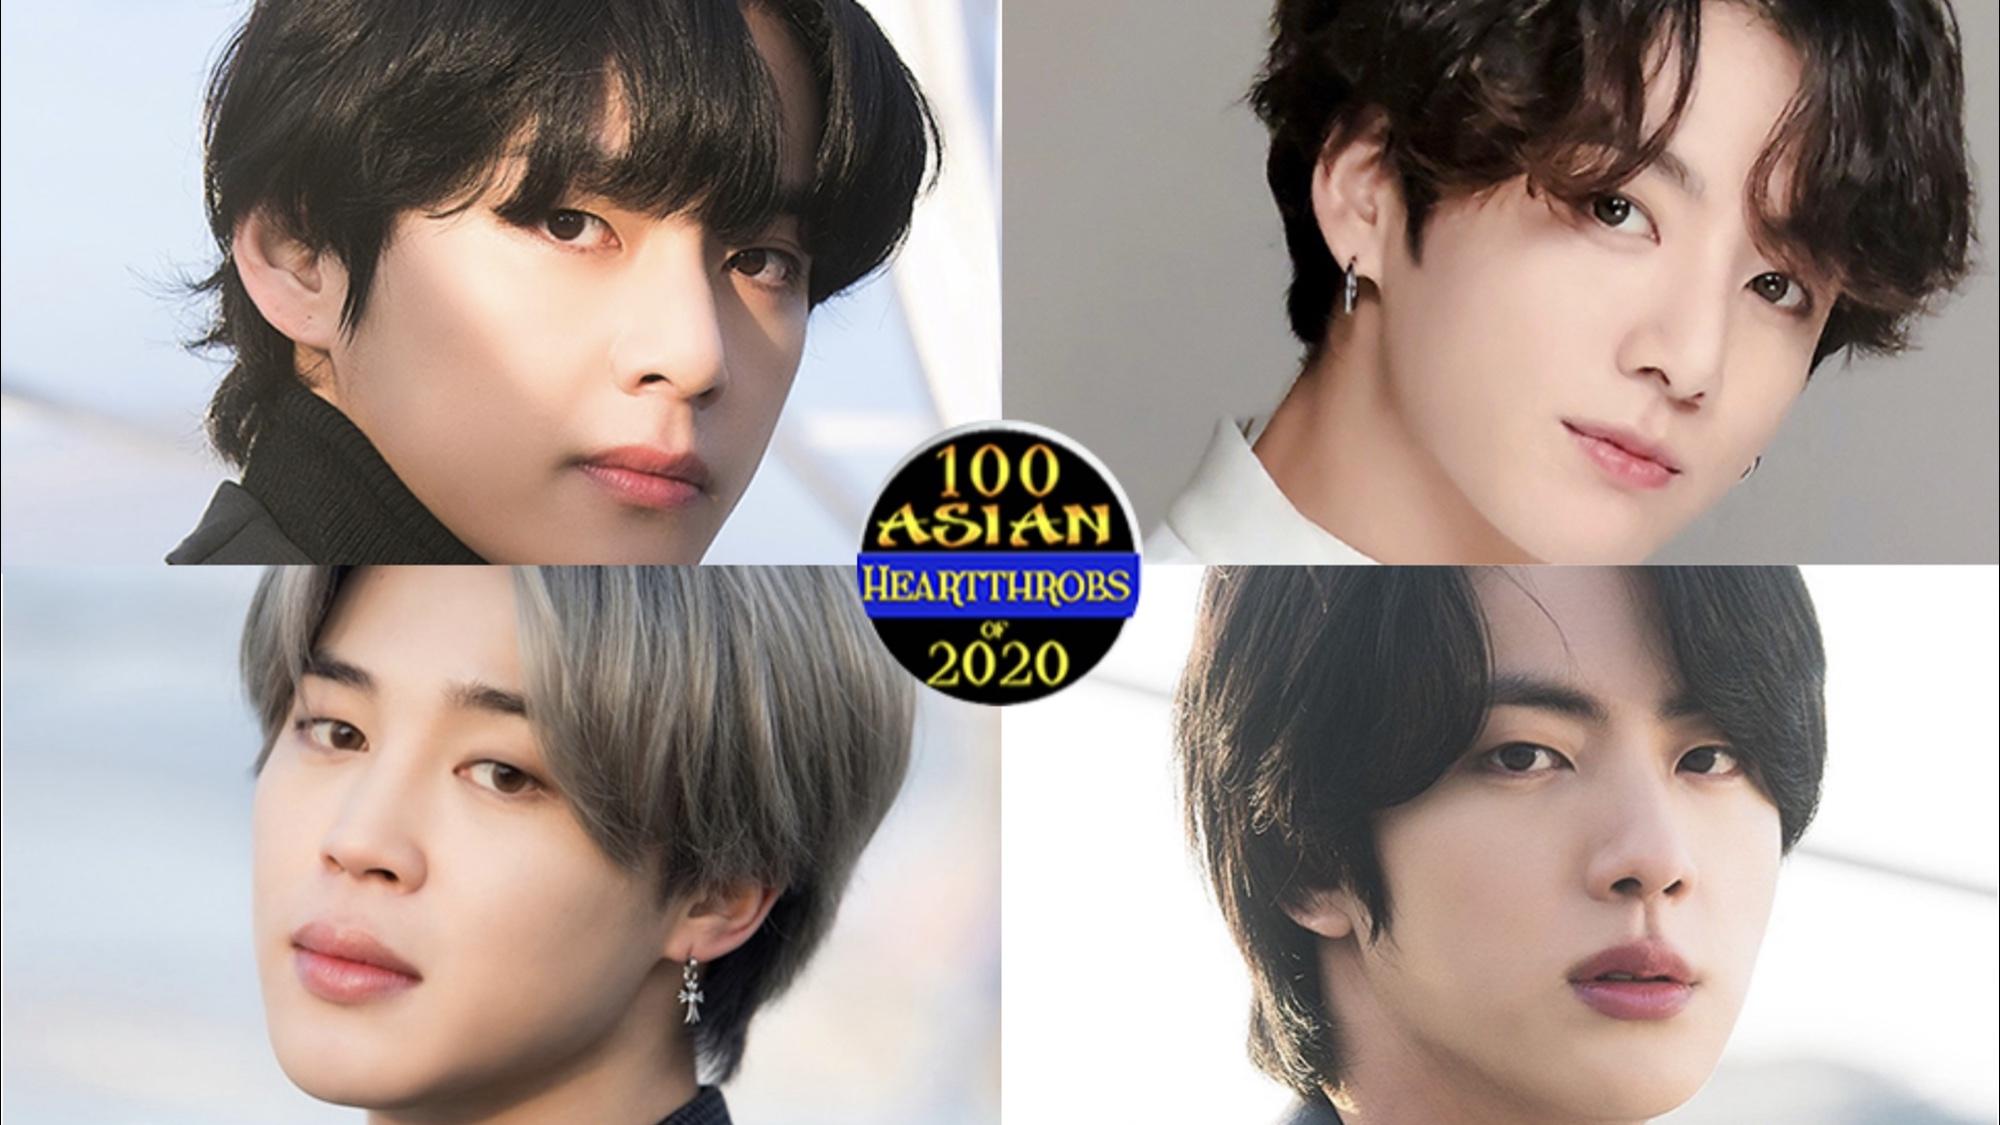 ランキング 2020 人気 Bts 防弾少年団(BTS)のメンバー人気順TOP7・2021最新版!カラーや見分け方&プロフィールも総まとめ